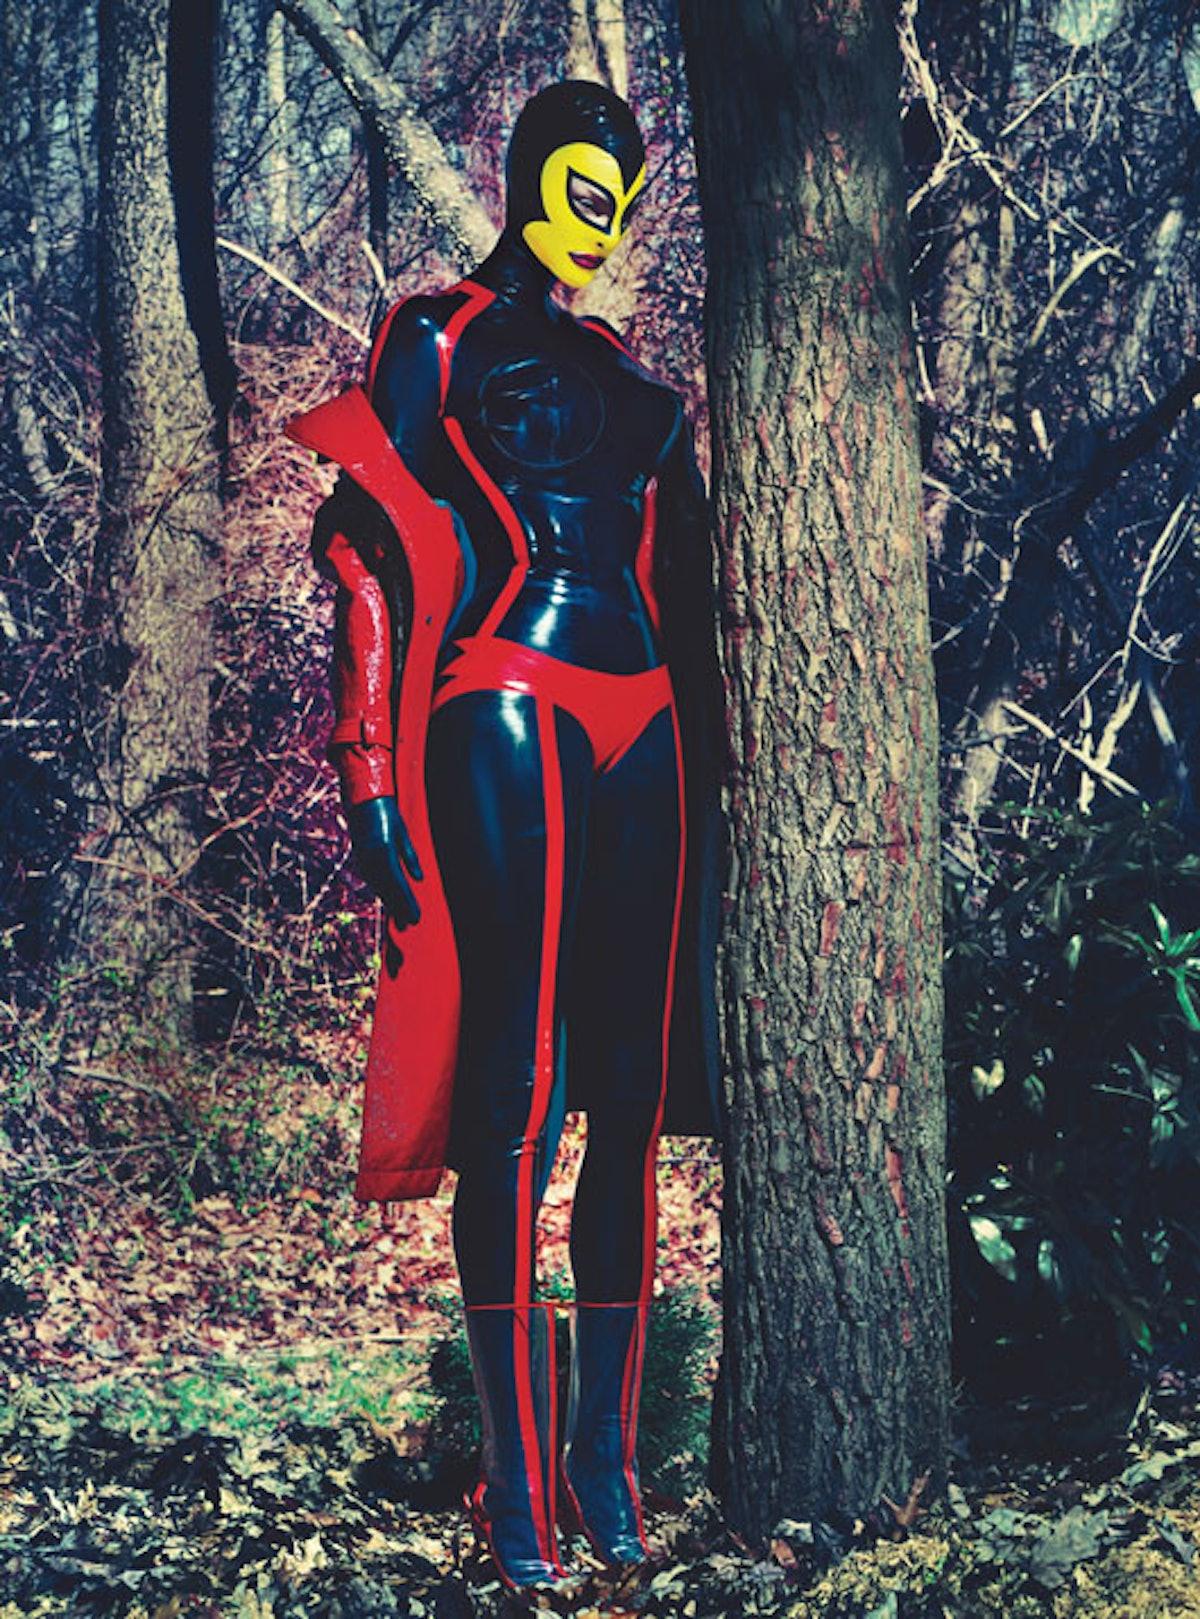 fass-linda-evangelista-steven-klein-superhero-02-l.jpg